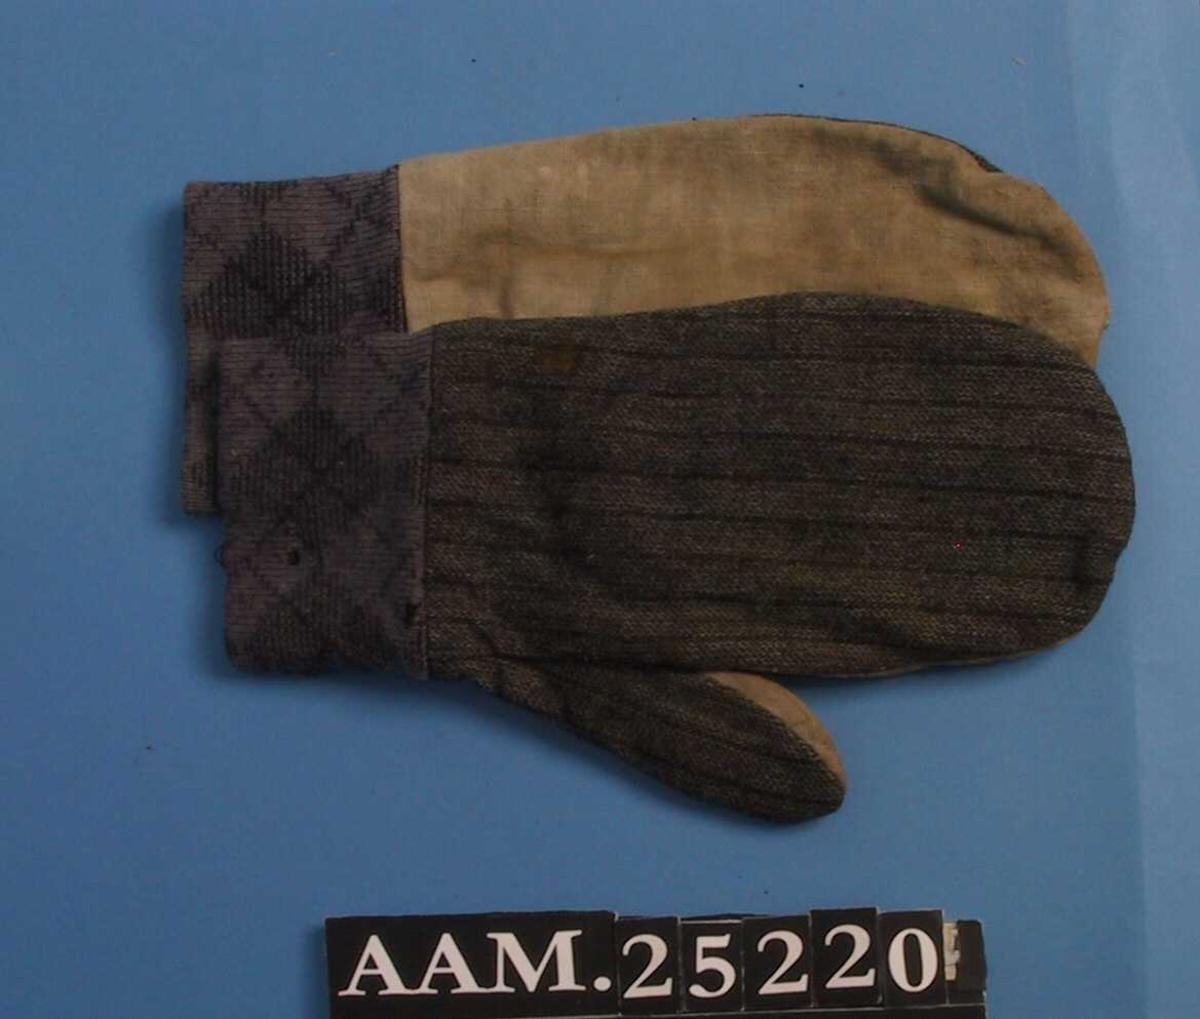 Votter, et par, sydd sammen av tre ulike typer gamle tøyrester. Håndflaten er fra en melsekk i lerretsbinding, baksiden er av sort og gråstripet (ull?) stoff, mens håndleddet er av maskinstrikket stoff m.rute- og stripemønster, trolig en genser. Sydd under 2.verdenskrig da det var umulig å få tak i materialer, f.eks. ullgarn til å strikke votte.